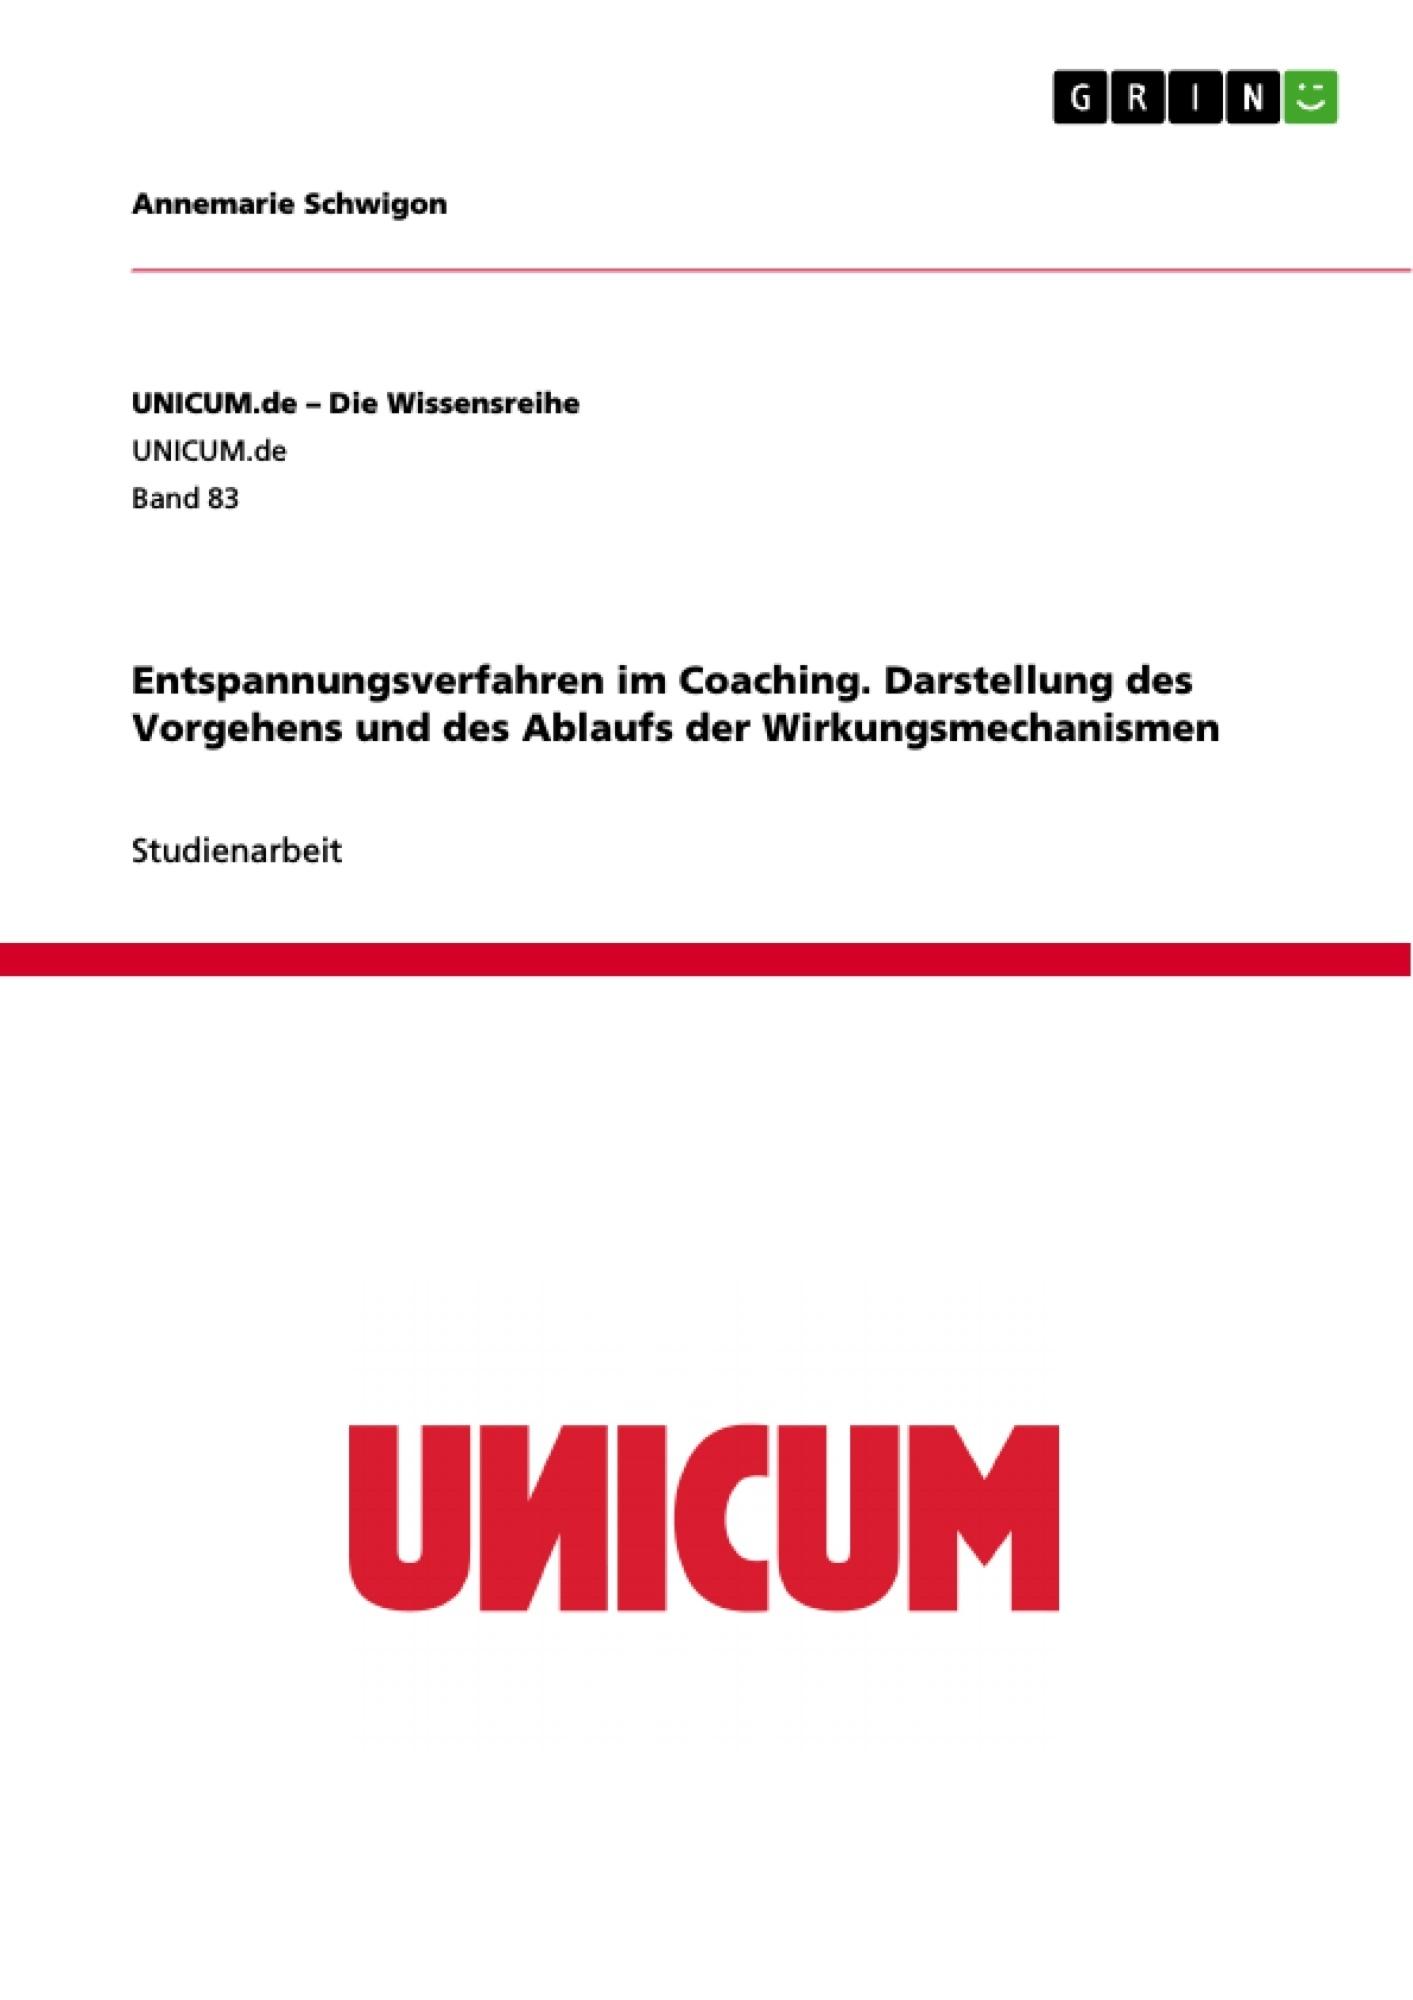 Titel: Entspannungsverfahren im Coaching. Darstellung des Vorgehens und des Ablaufs der Wirkungsmechanismen